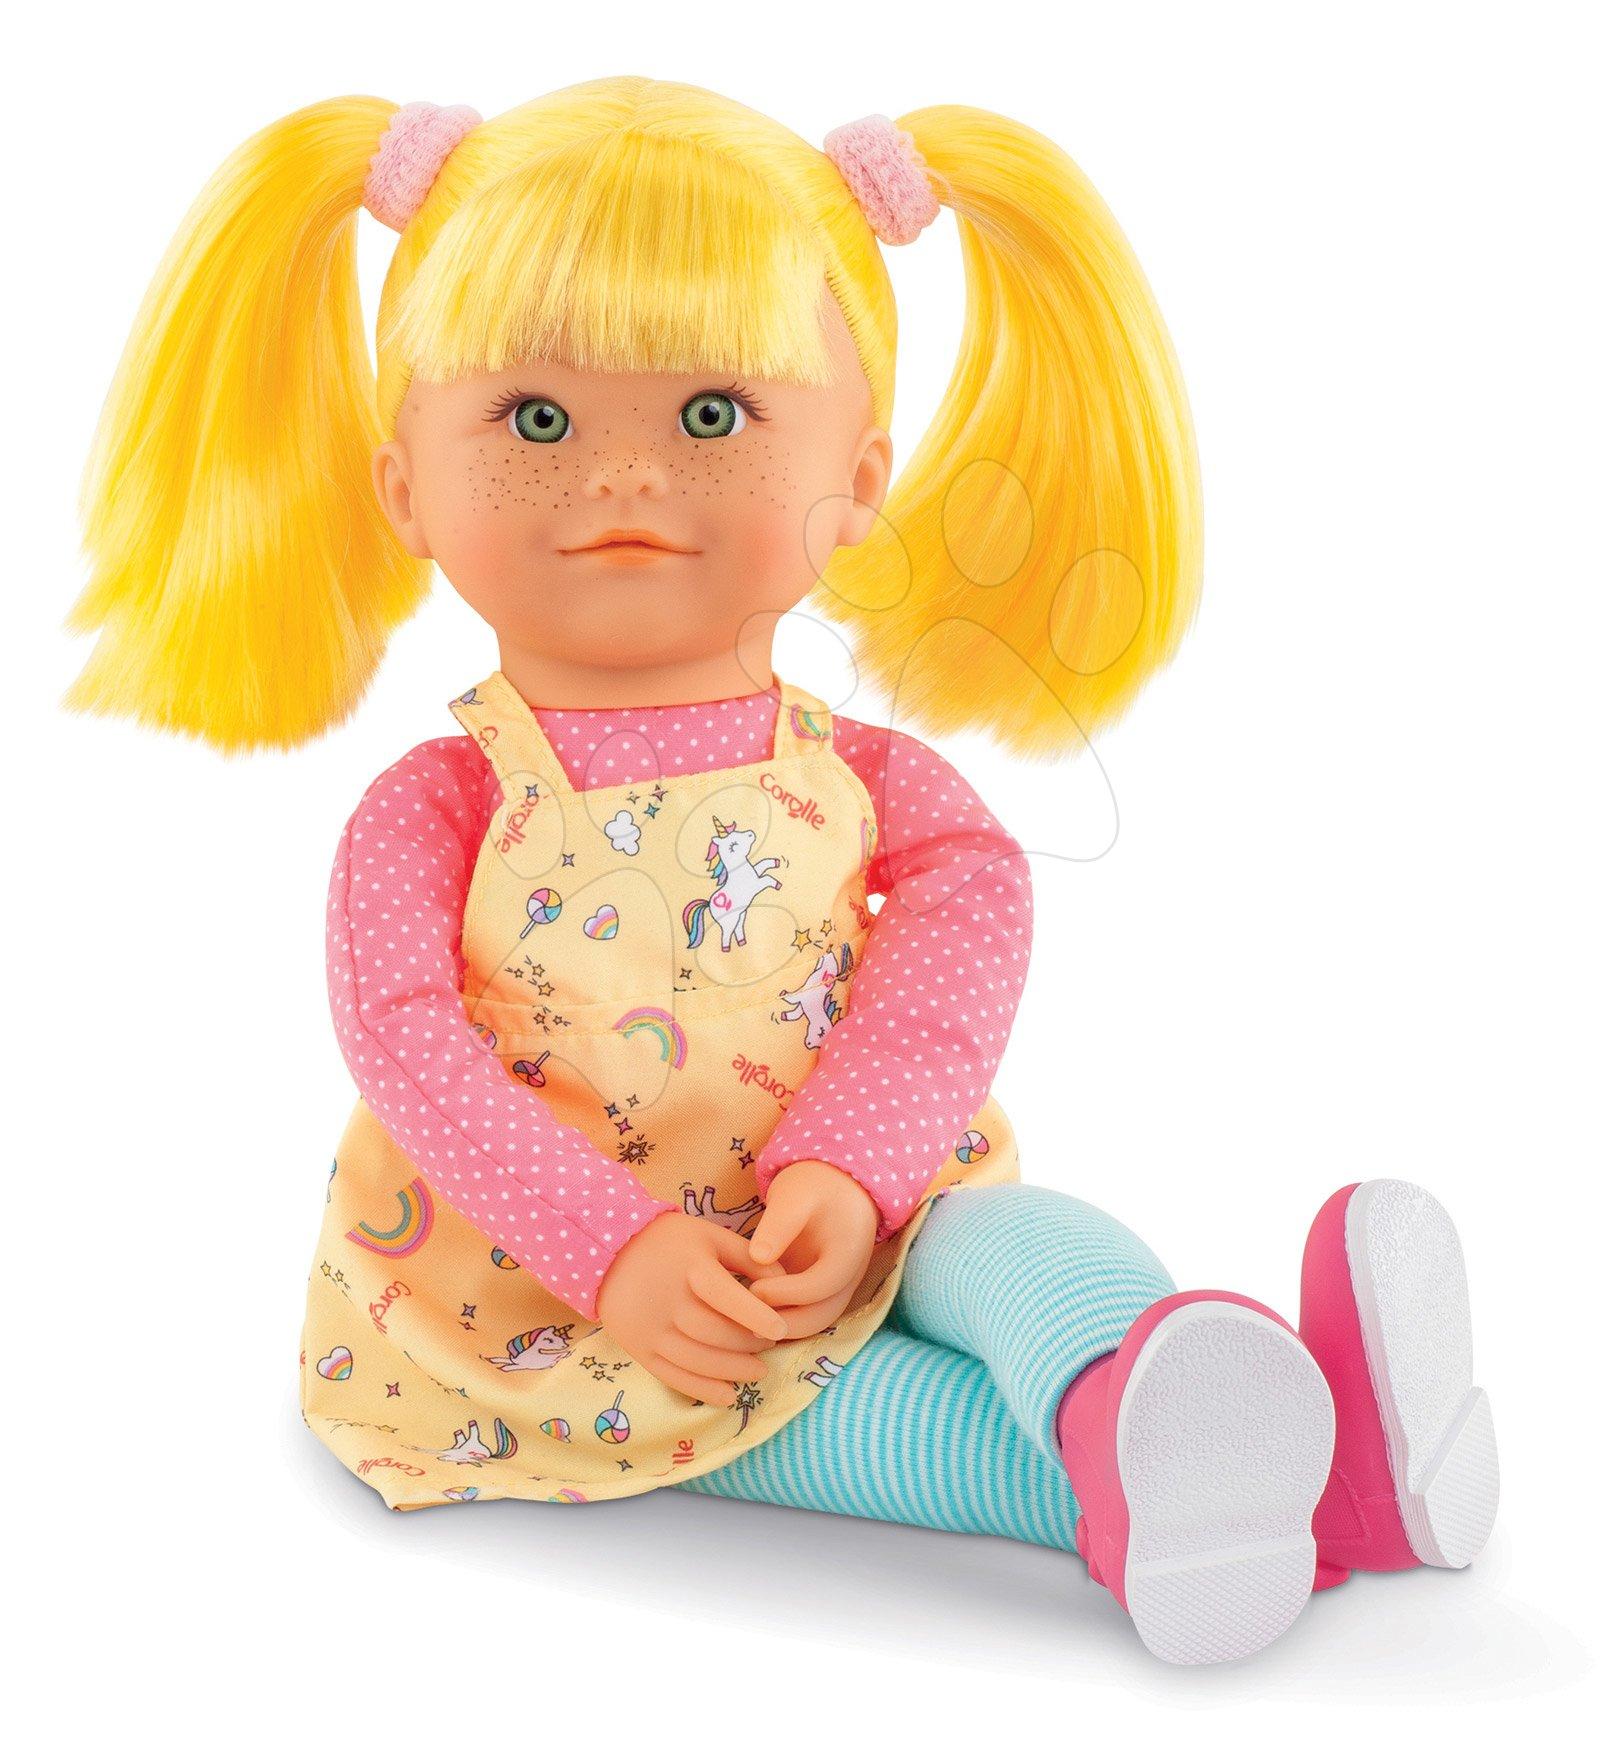 Bábika Celeste Rainbow Dolls Corolle s hodvábnymi vlasmi a vanilkou žltá 38 cm od 3 rokov